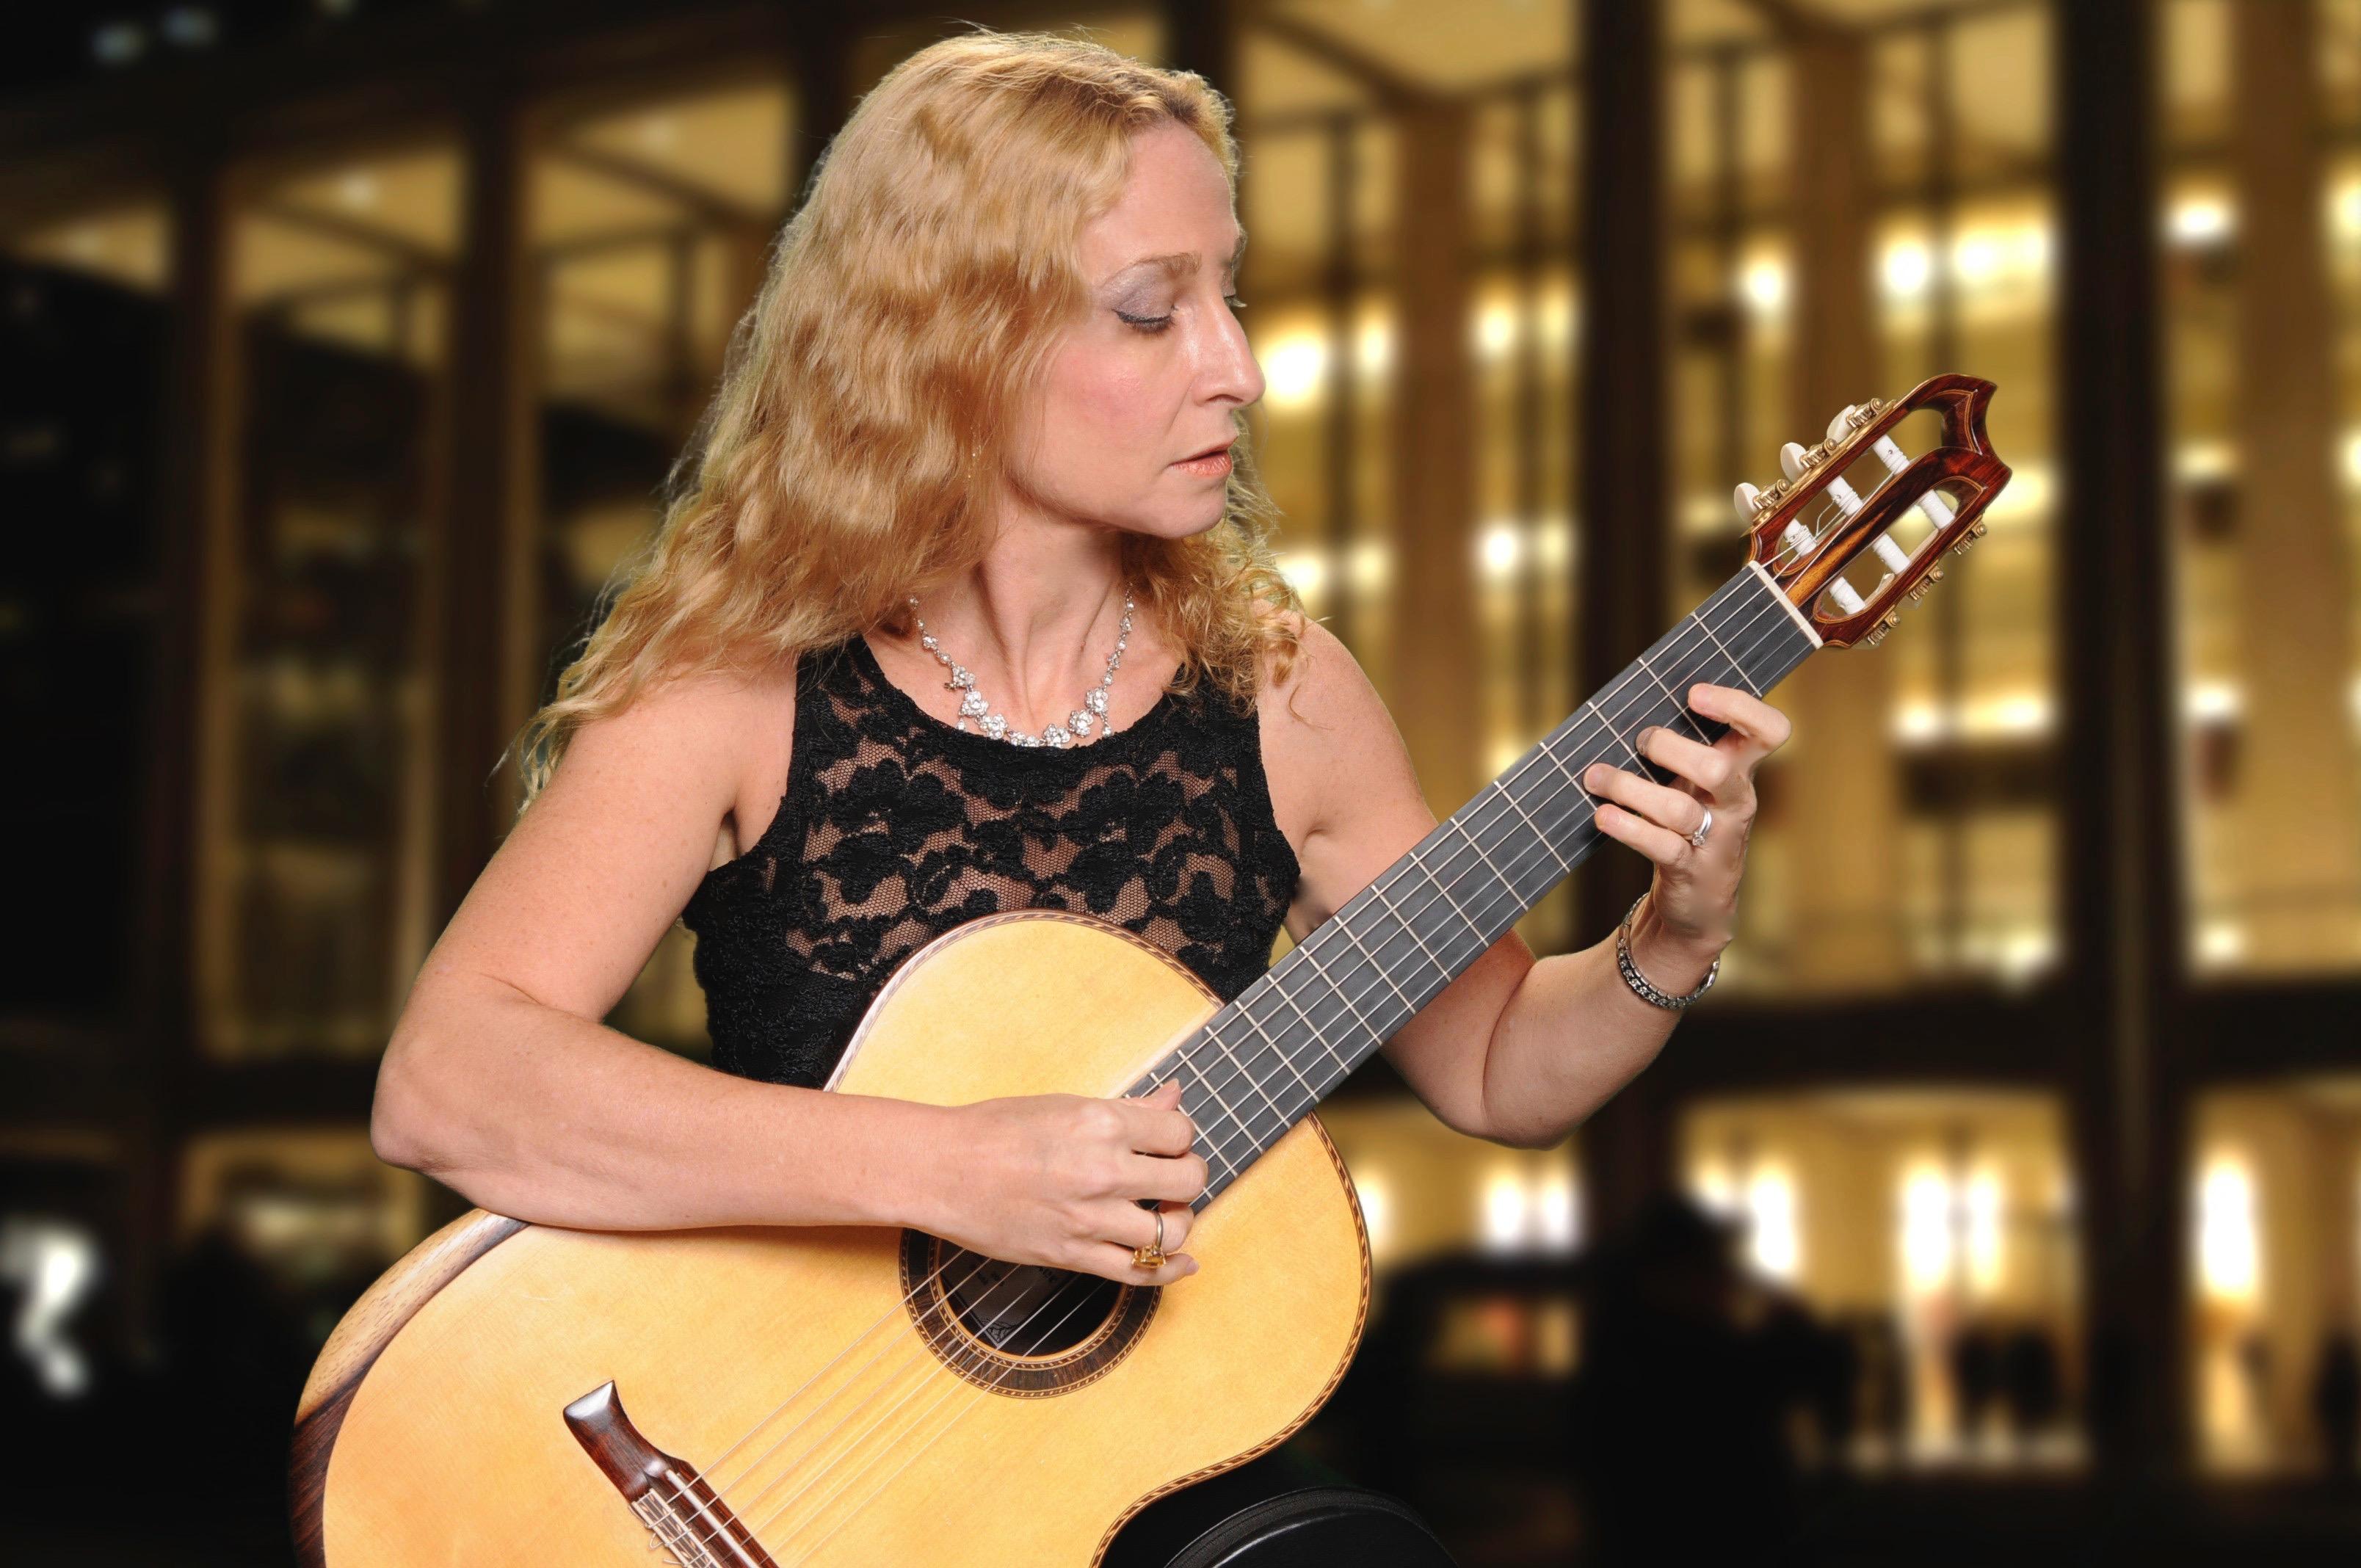 Tali Roth